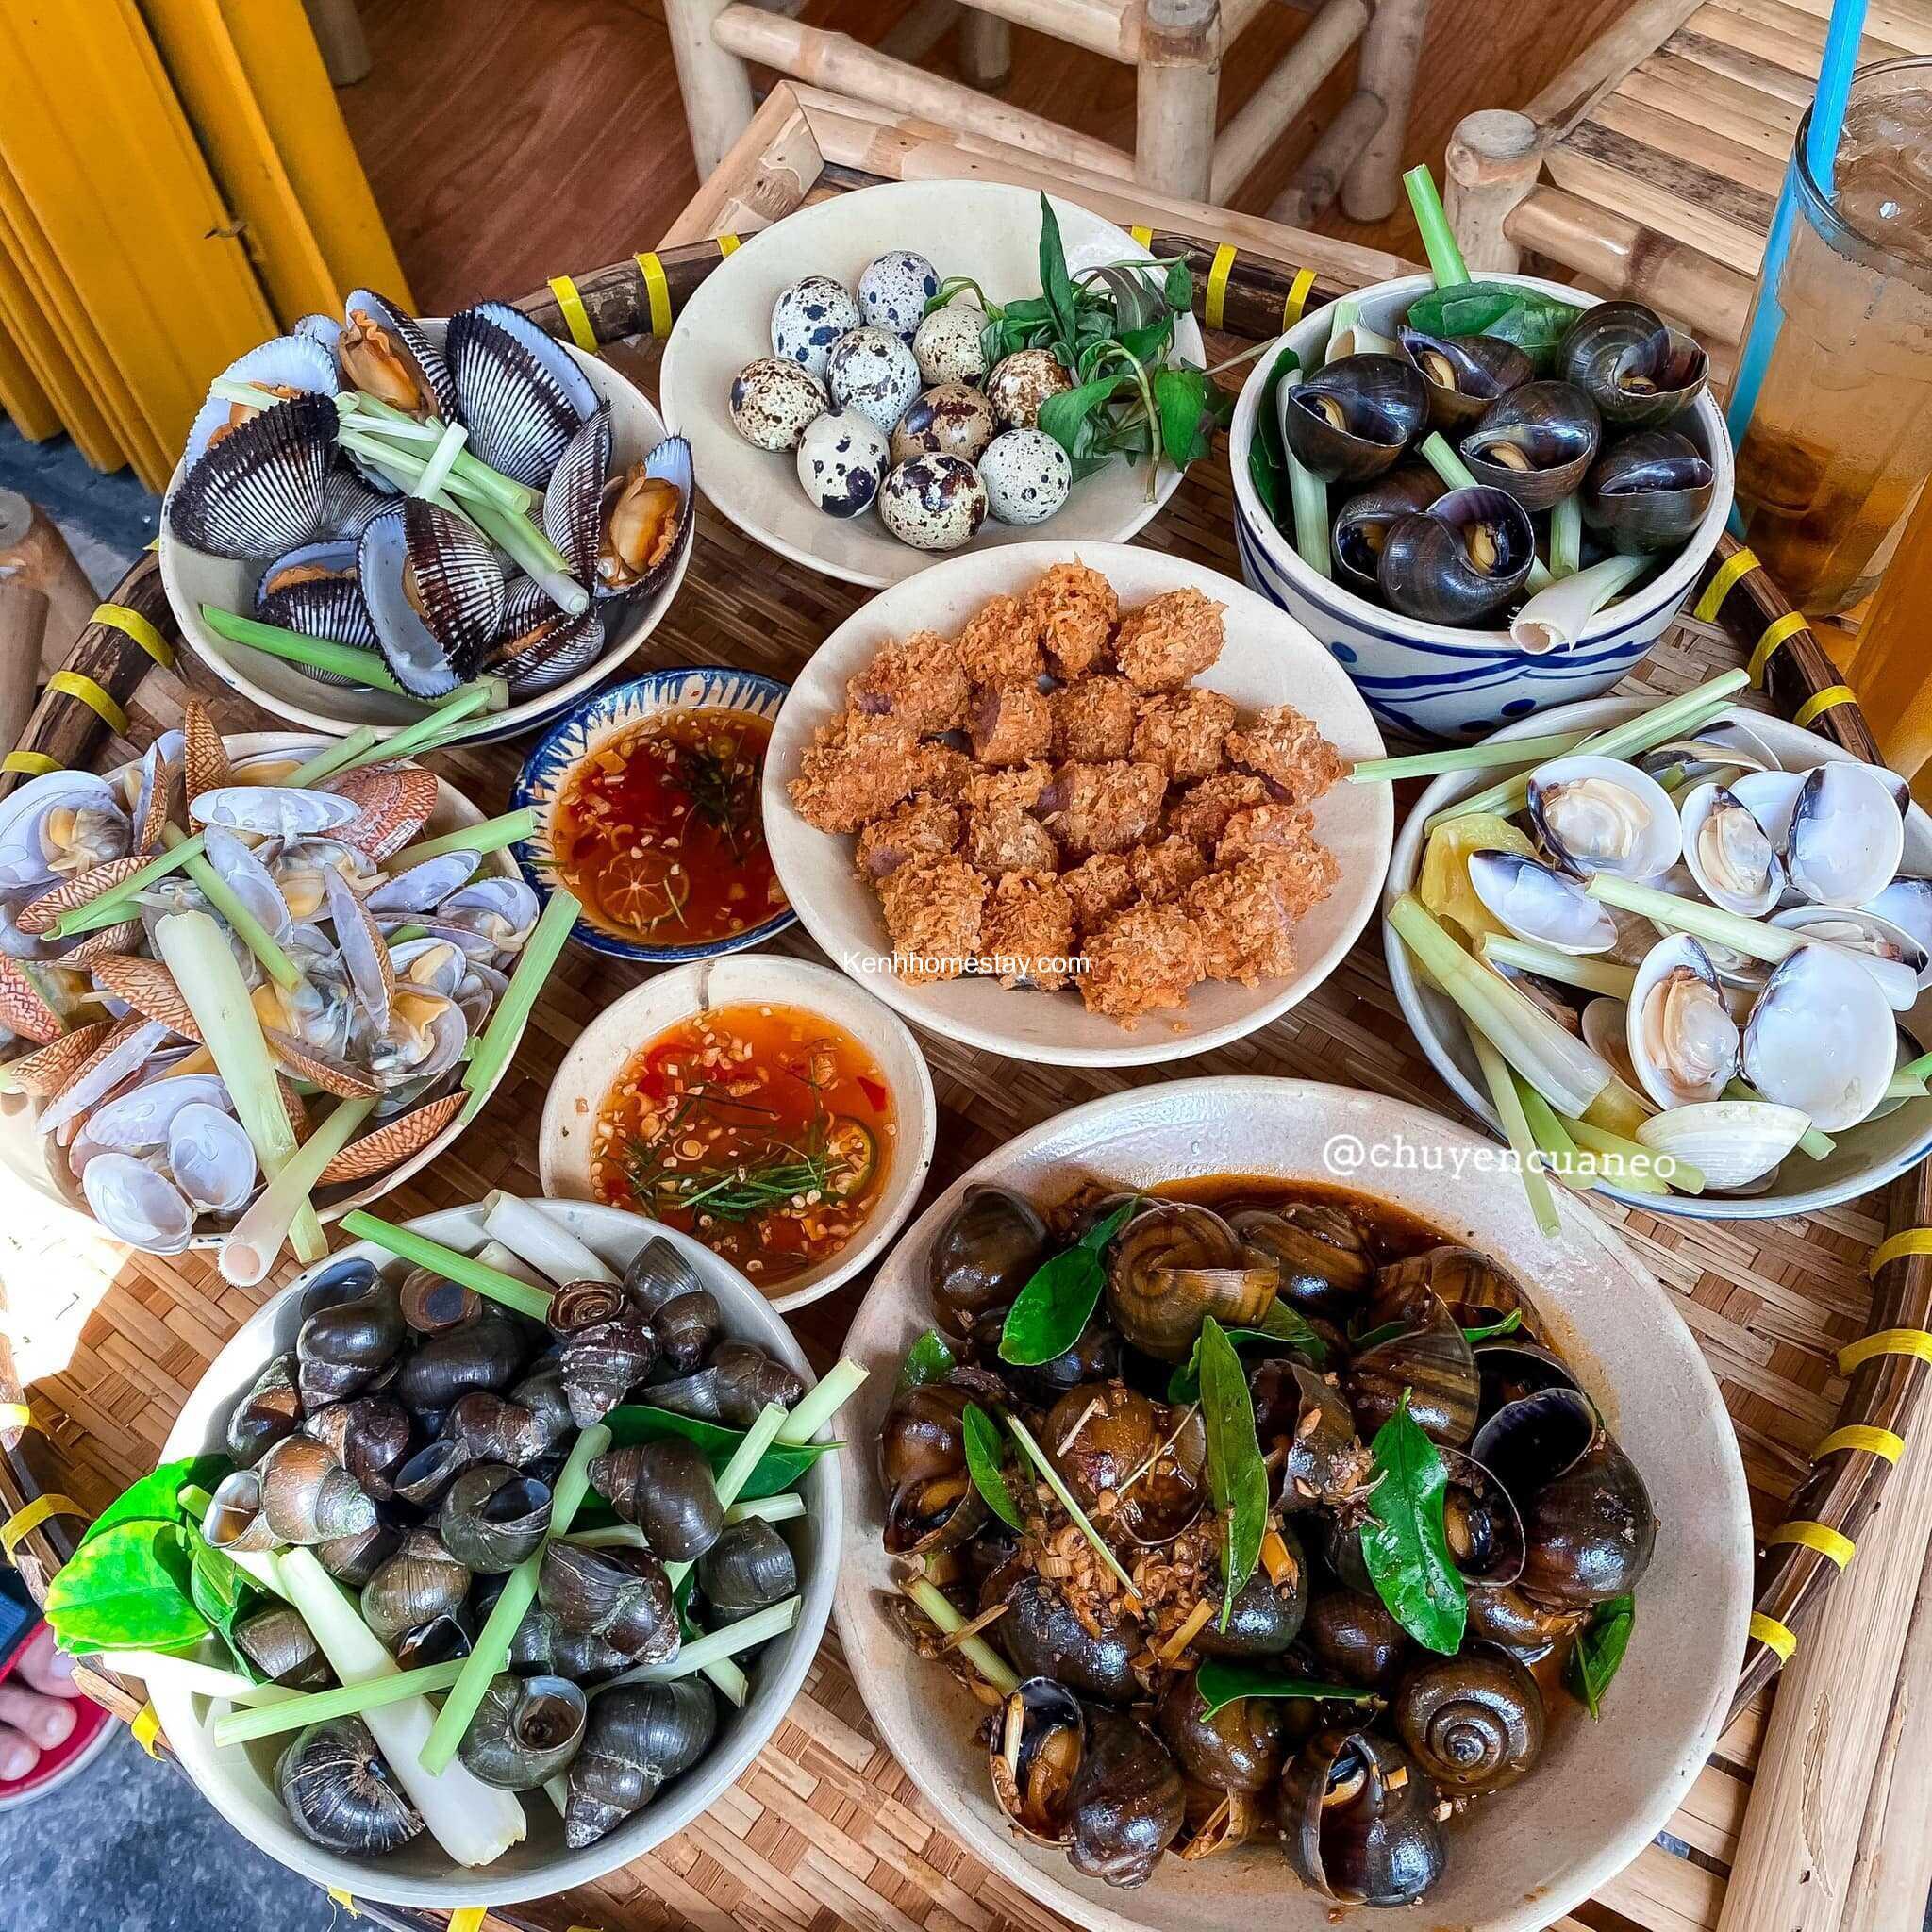 Top 10 Quán ốc quận 5 giá rẻ chất lượng ở Sài Gòn – TPHCM đáng thử nhất